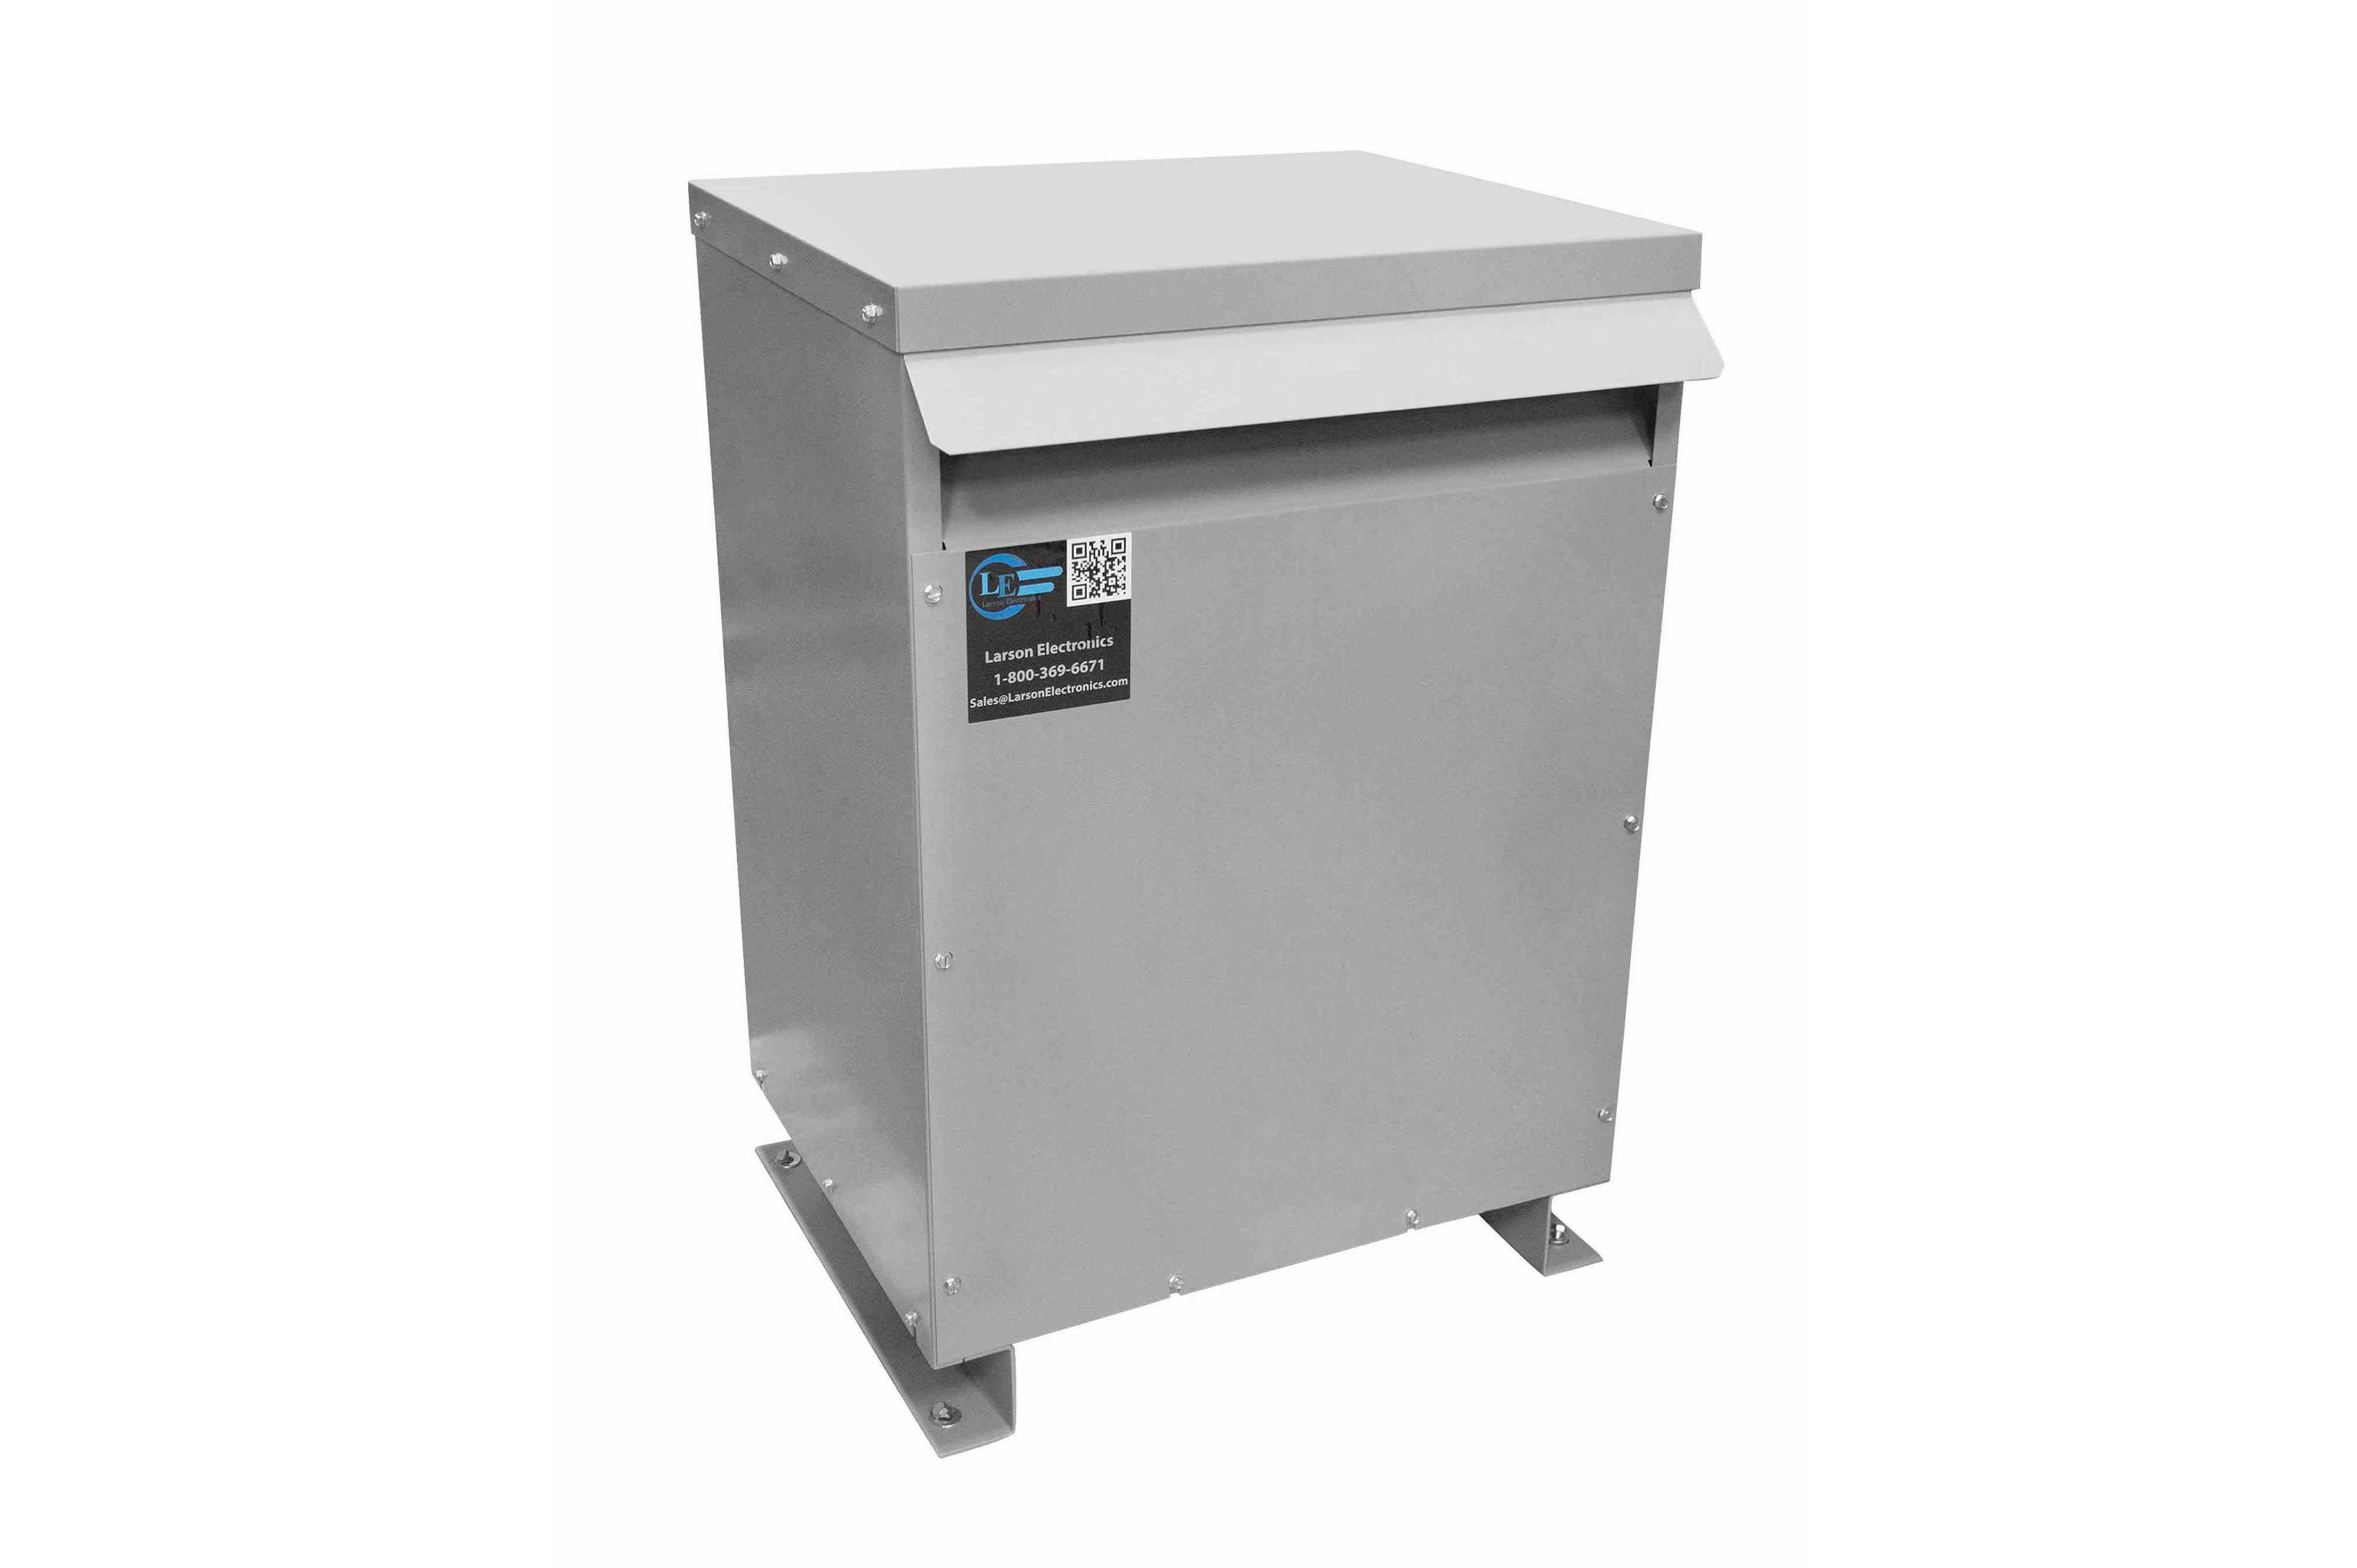 125 kVA 3PH Isolation Transformer, 480V Delta Primary, 240 Delta Secondary, N3R, Ventilated, 60 Hz